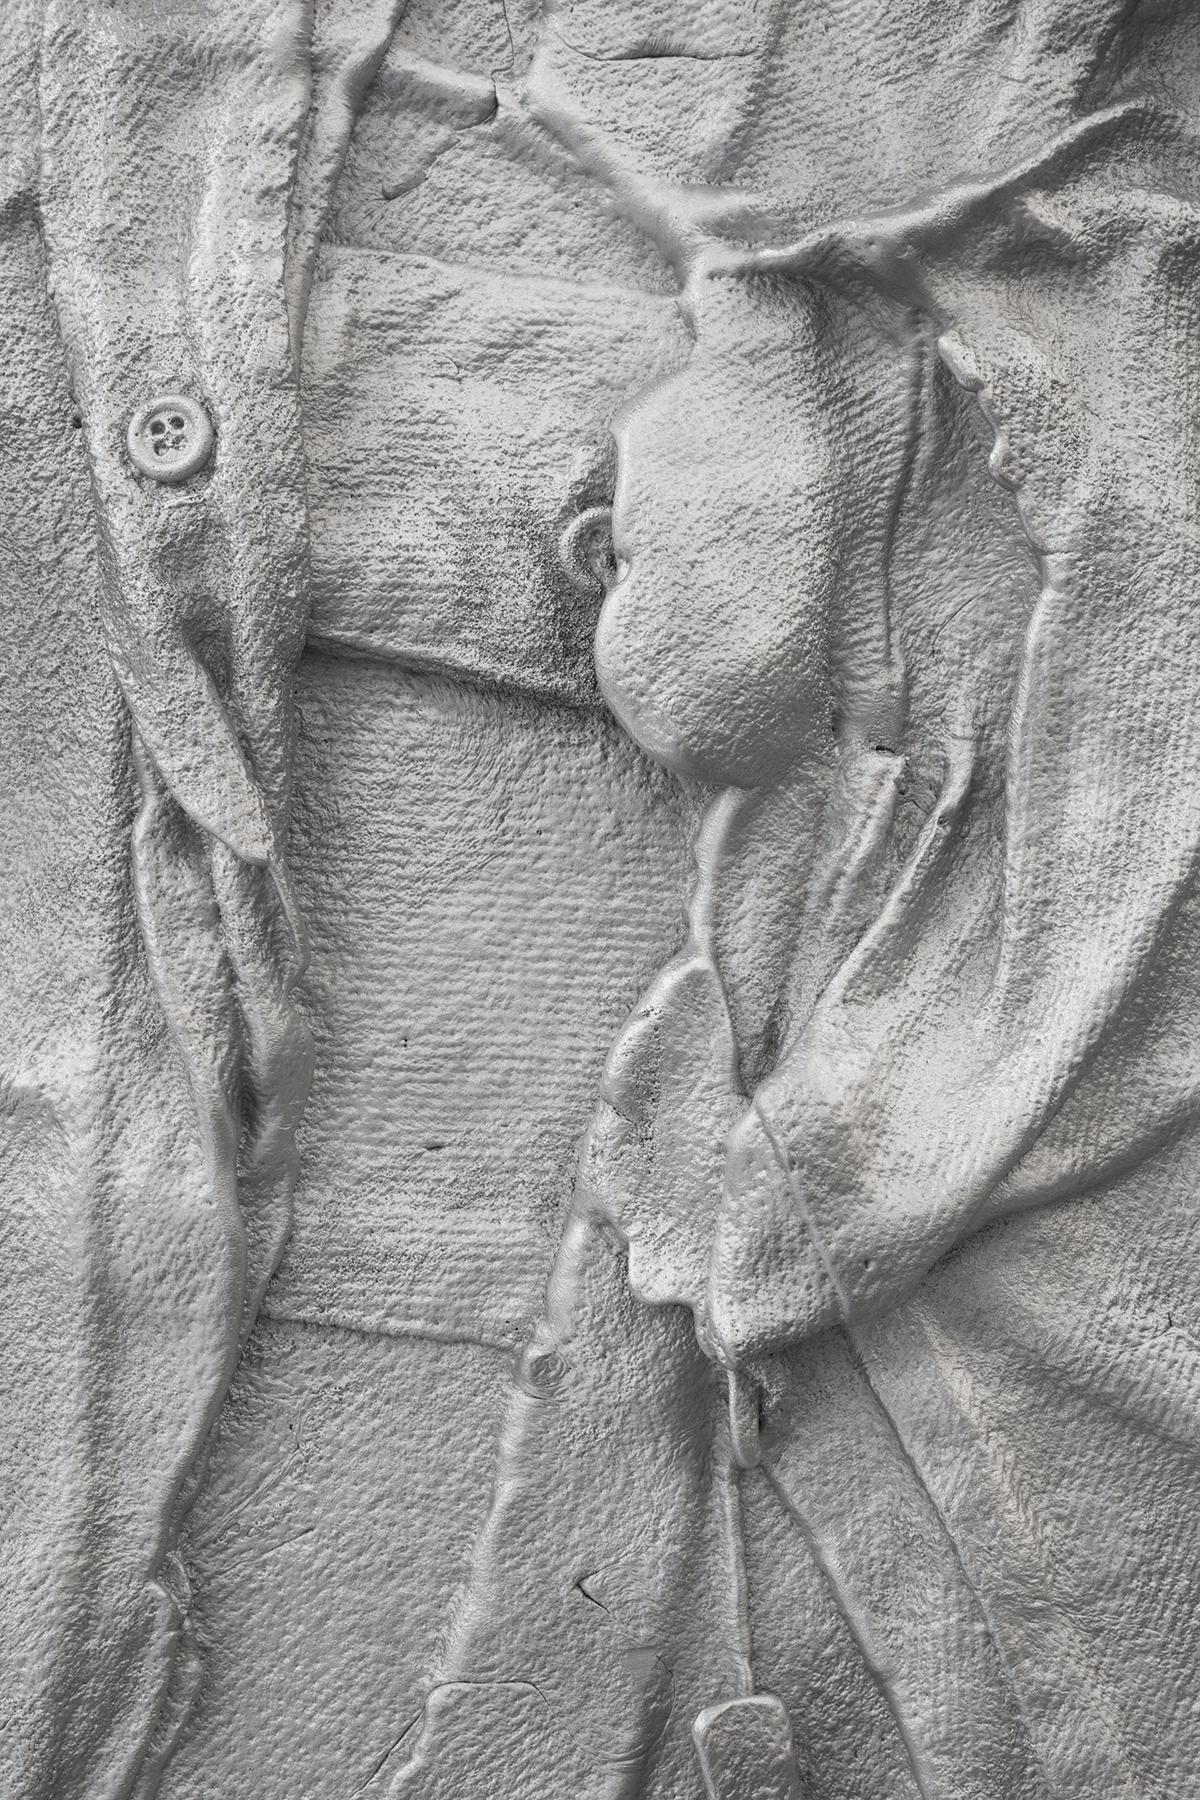 A.K. Burns, Shirt